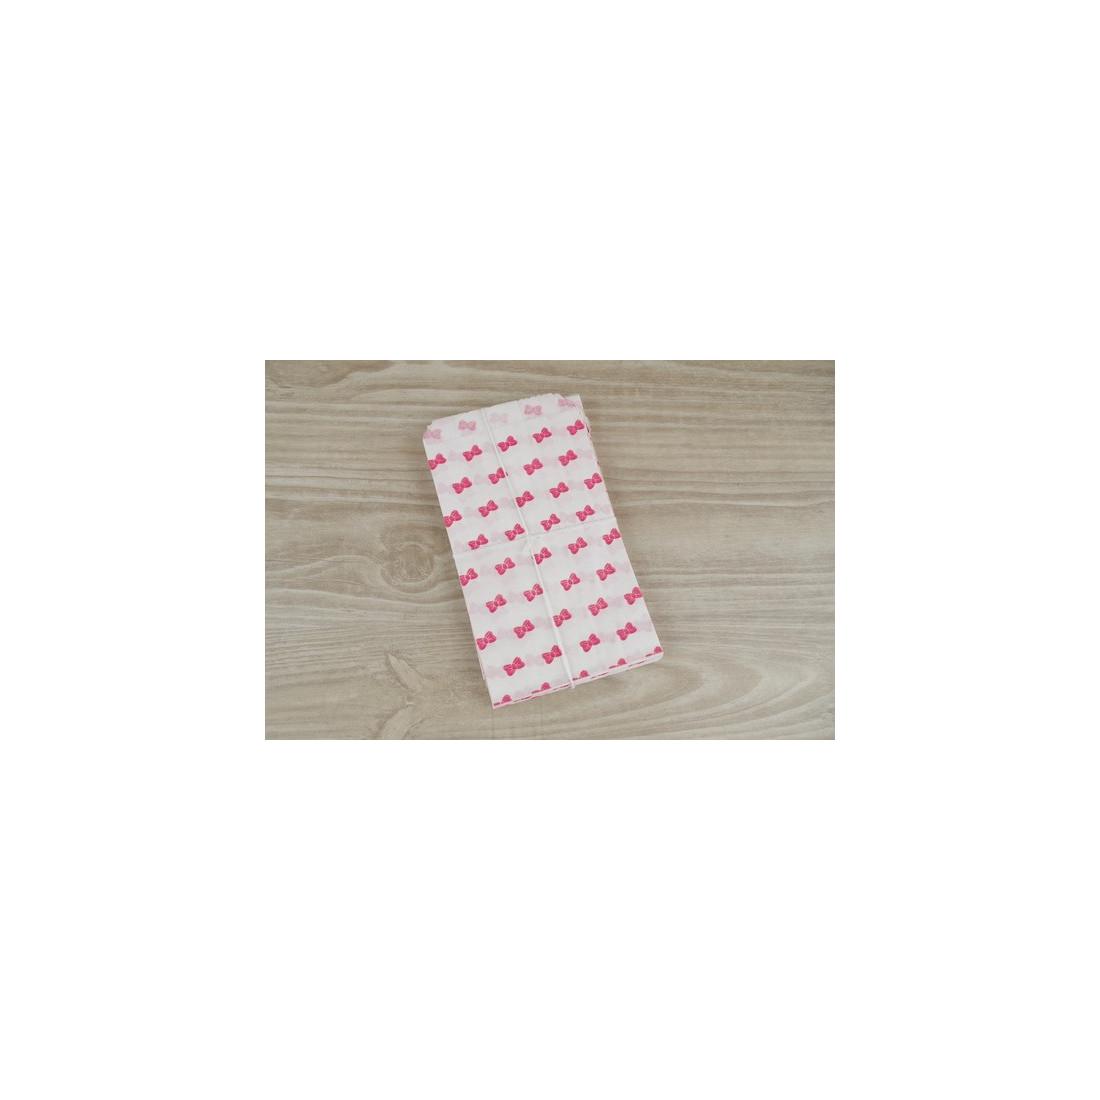 sachets cadeaux noeud rouge lot de 10 pochettes en papier blanc 9 x15 cm pour bijoux dragees. Black Bedroom Furniture Sets. Home Design Ideas